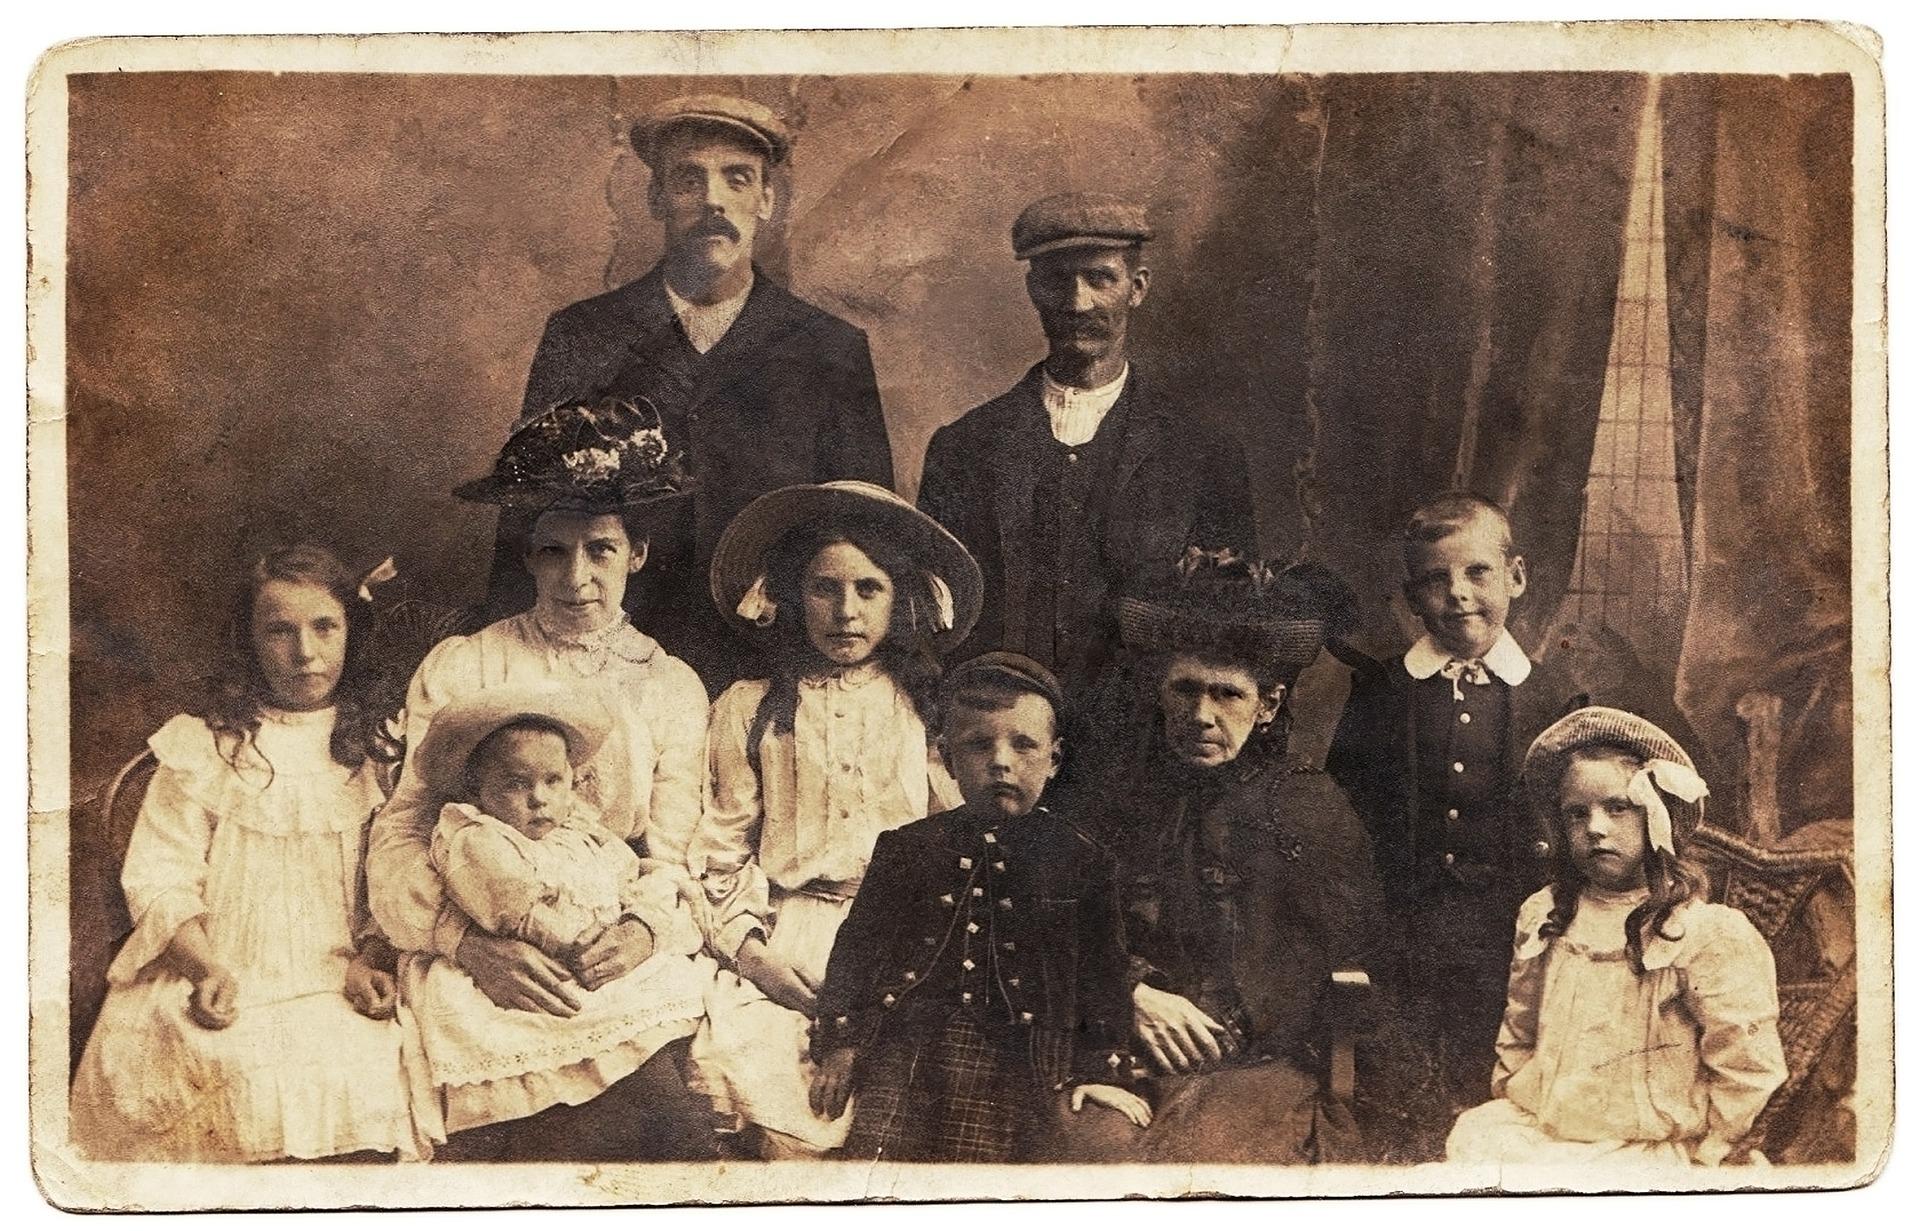 family-portrait-613968_1920